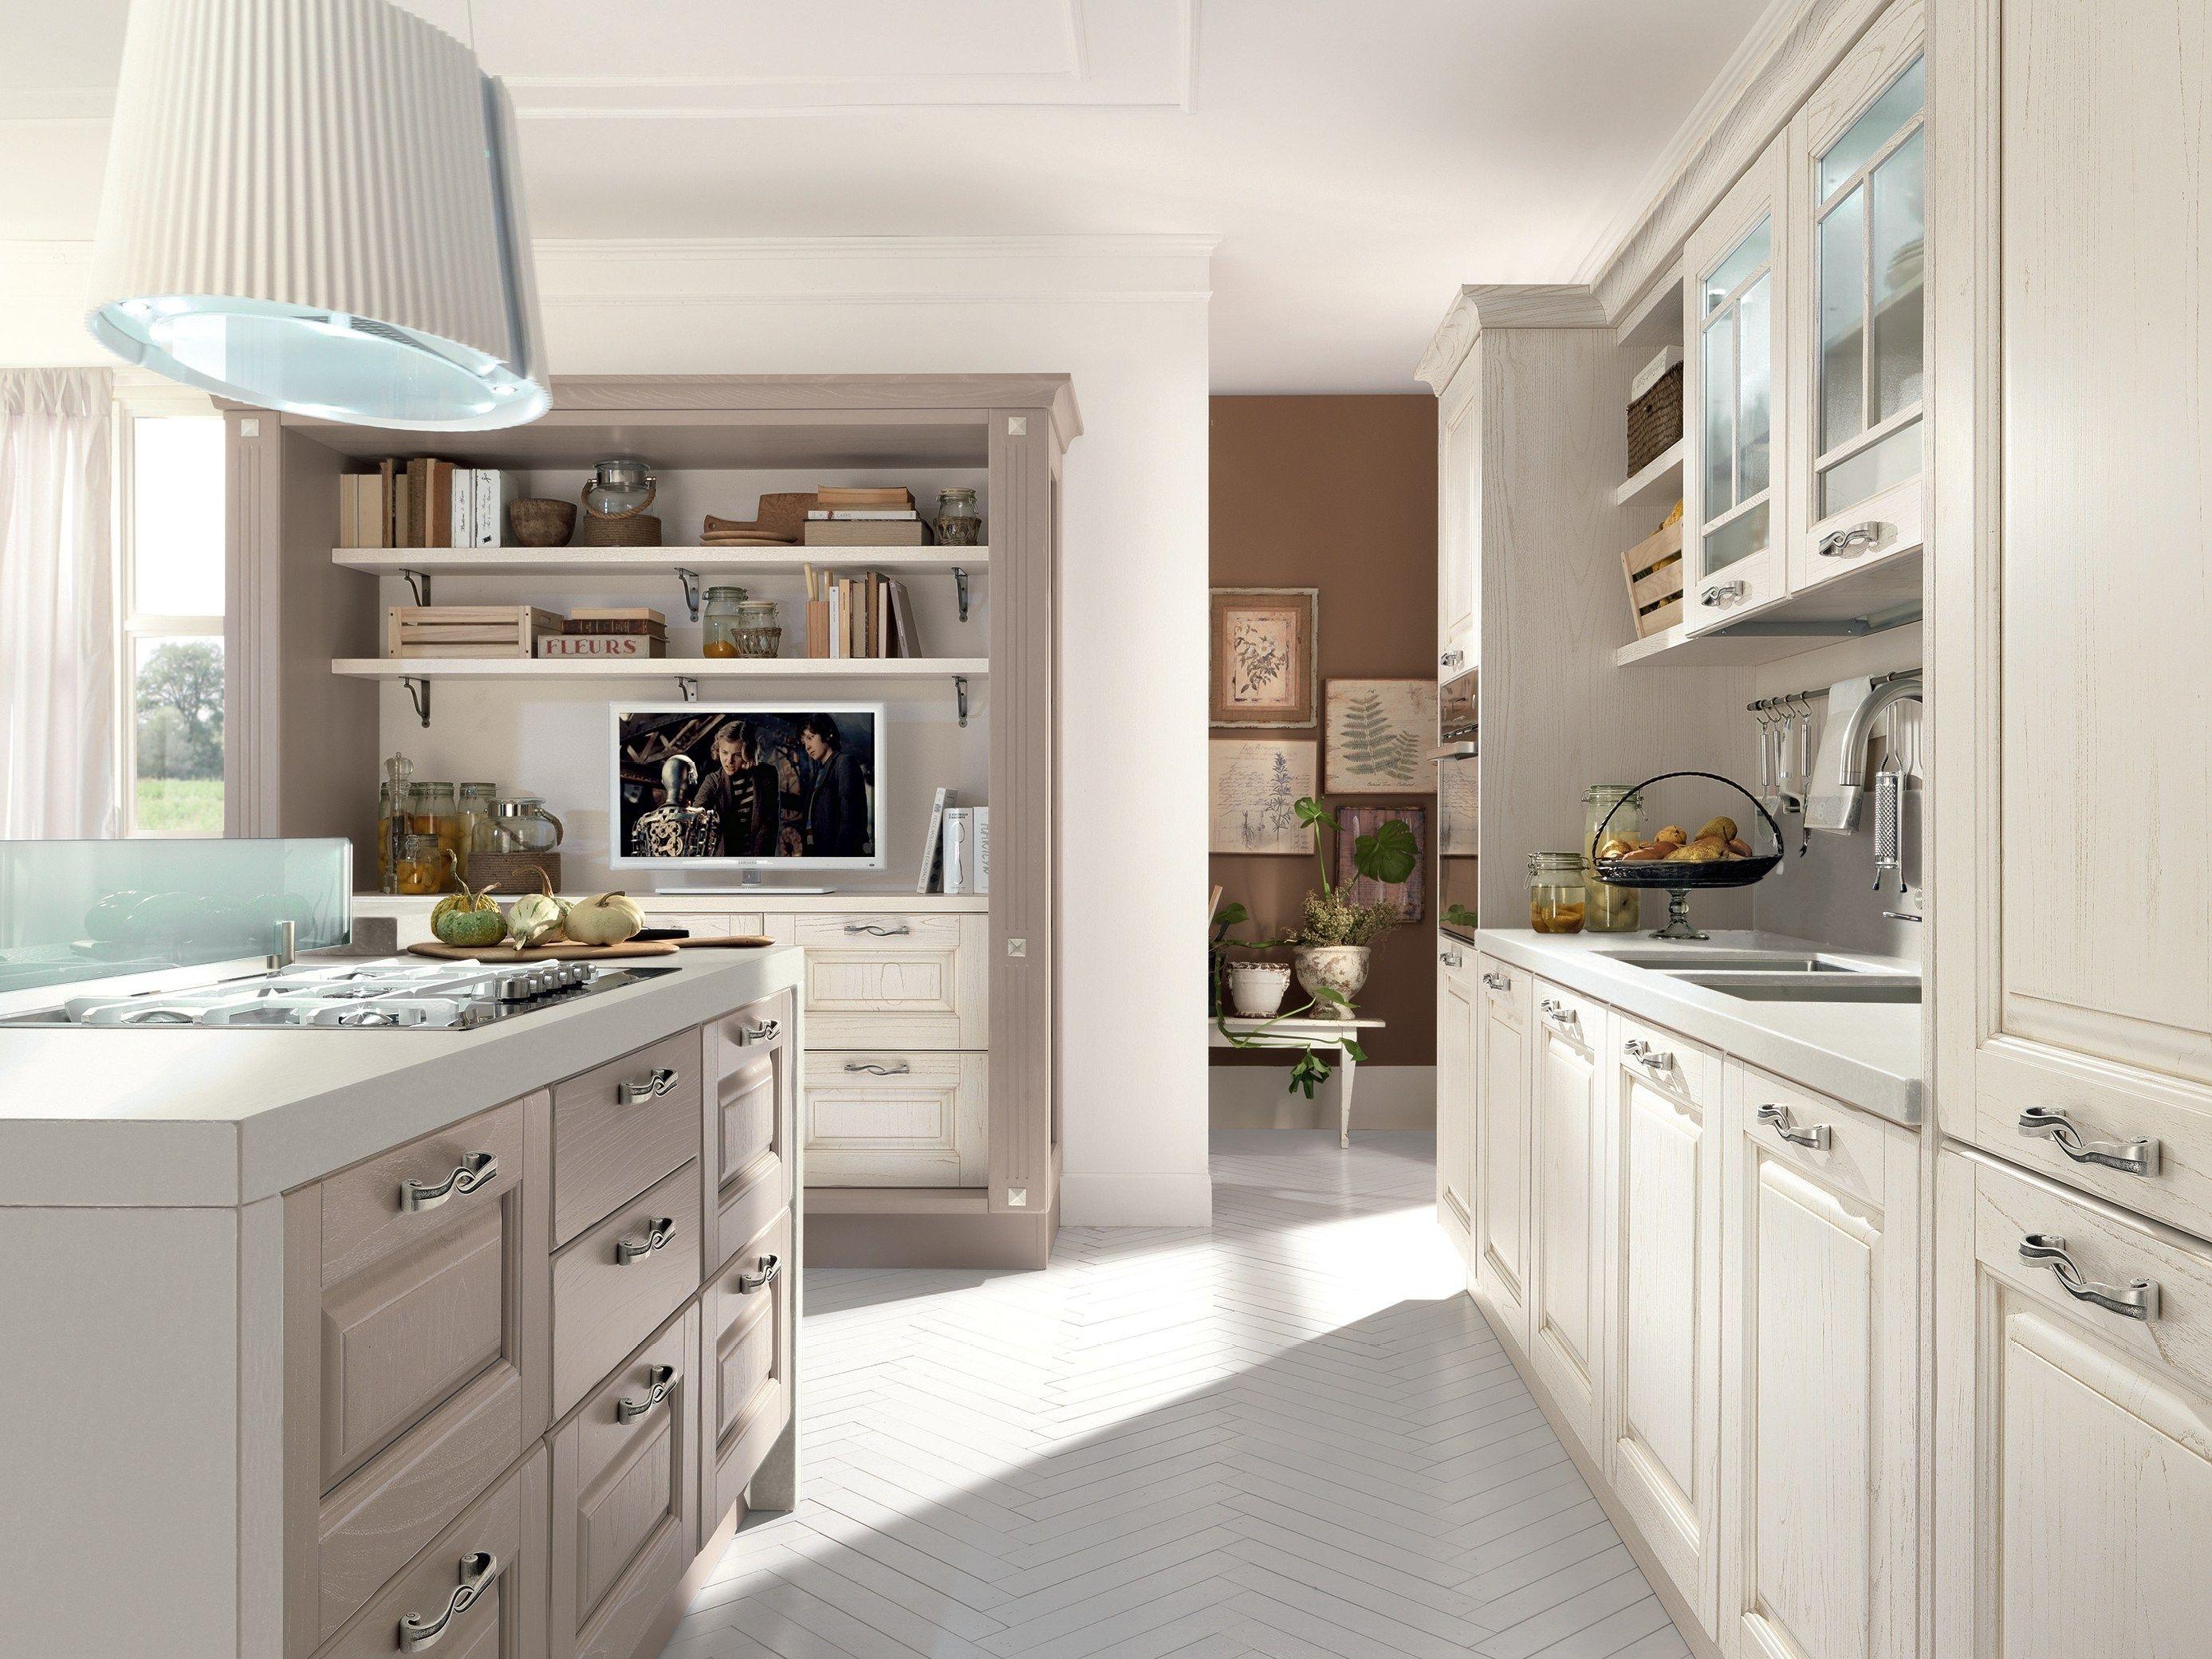 Cucine moderne con bancone ys22 regardsdefemmes - Cucine con isola centrale ...